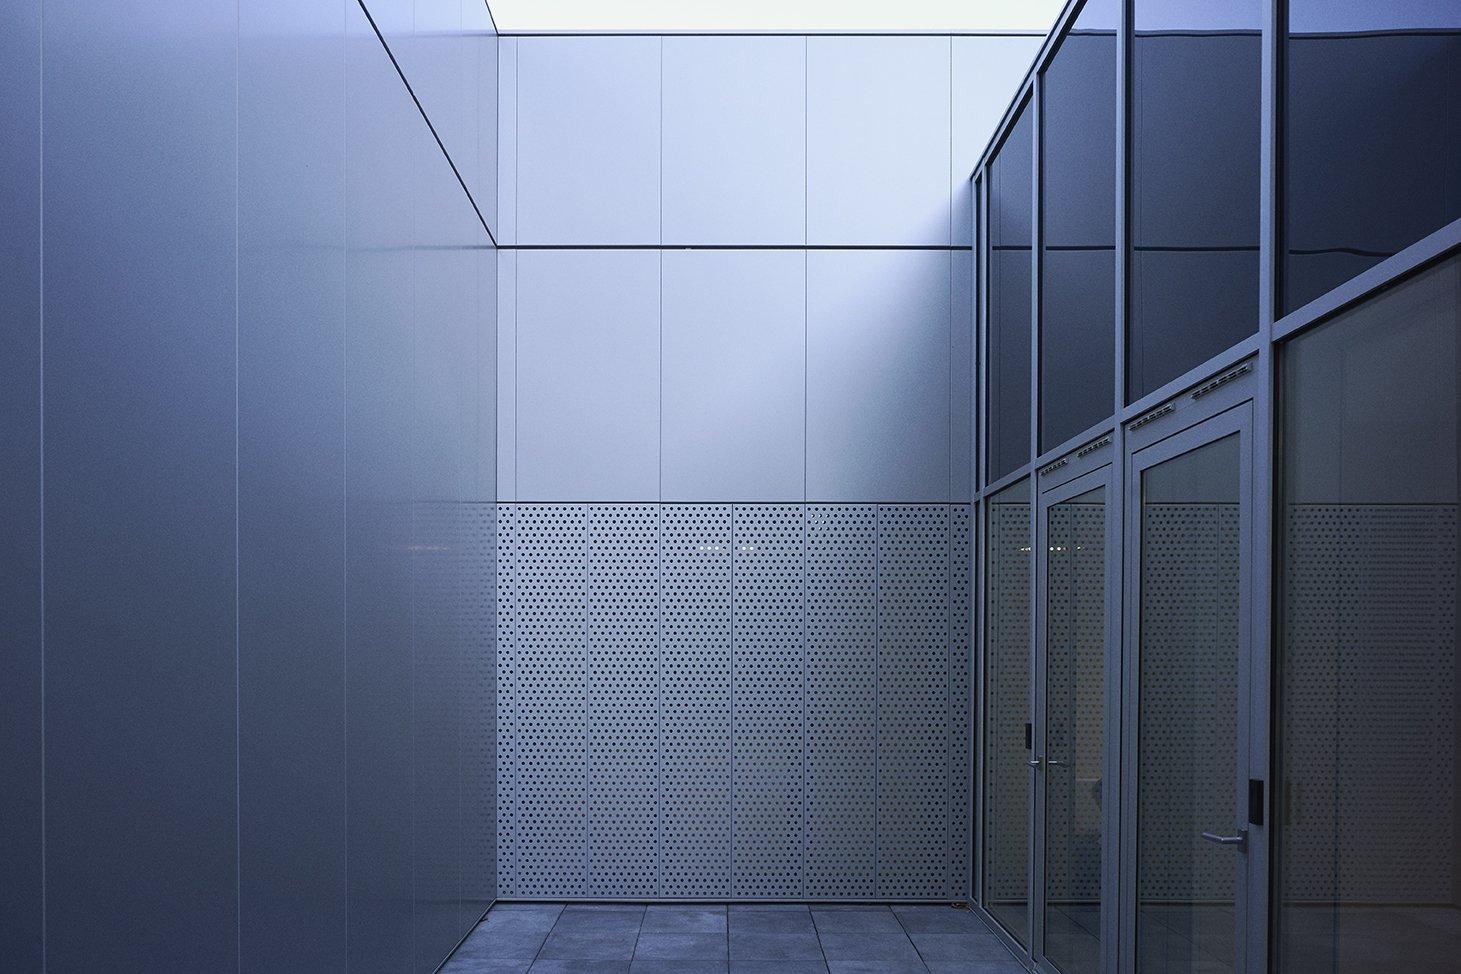 https://www.transform-architecture.com/wp-content/uploads/2020/12/TRANSFORM-Centre-exploration-fonctionnelle-Jussieu-04.jpg